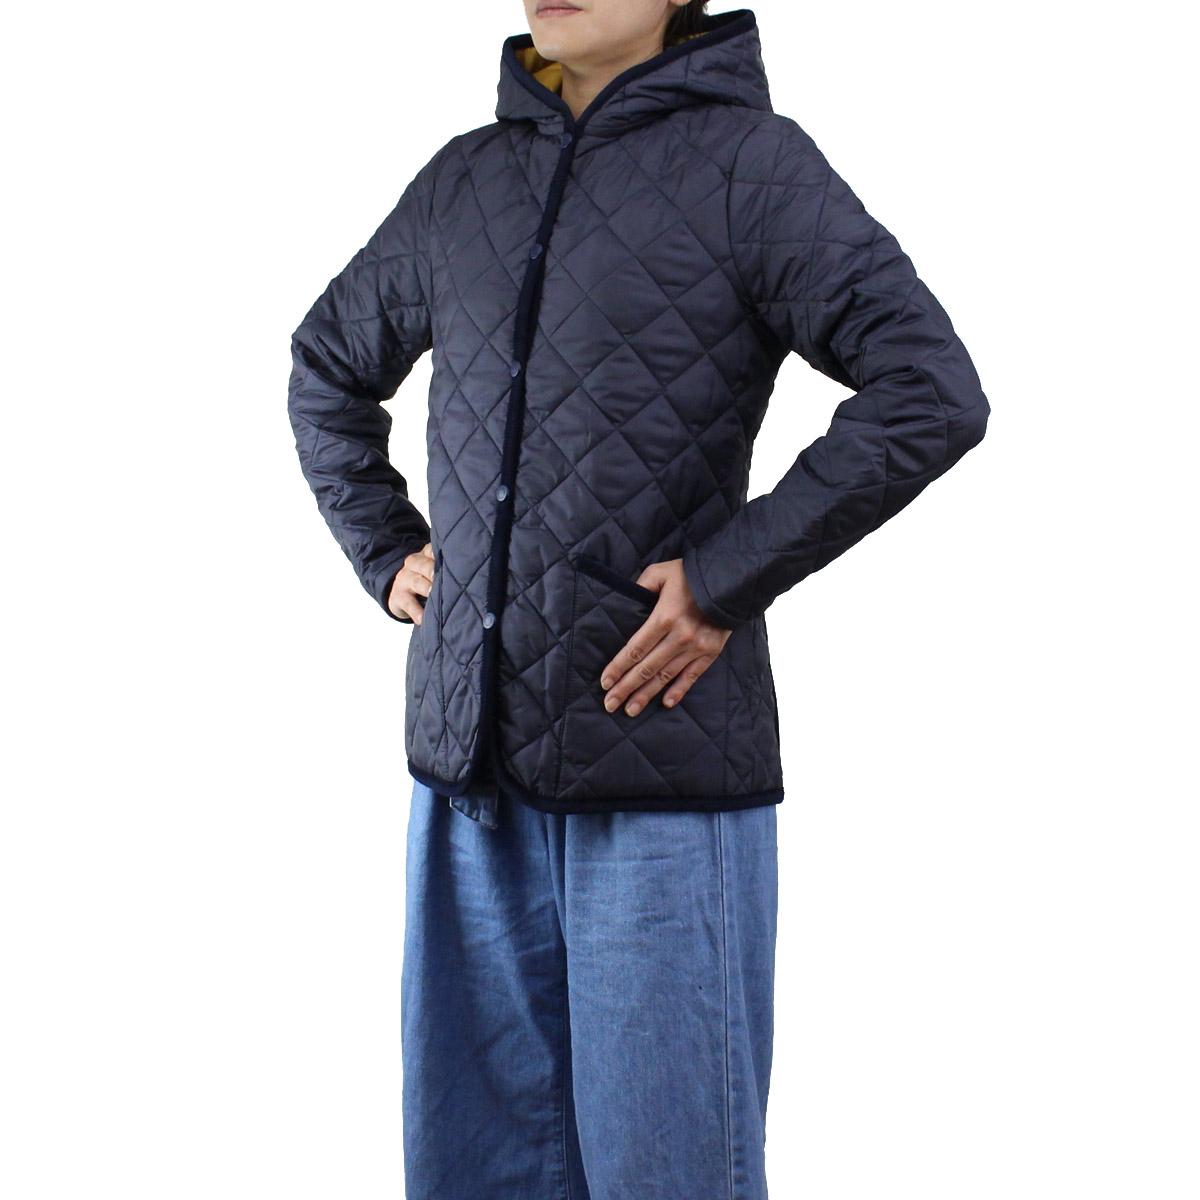 ラベンハム LAVENHAM ラブンスター クレイドン レディース キルティングジャケット CRAYDON-L 2018 0042/9902 SUFFOLK NAVY ネイビー系 レディース